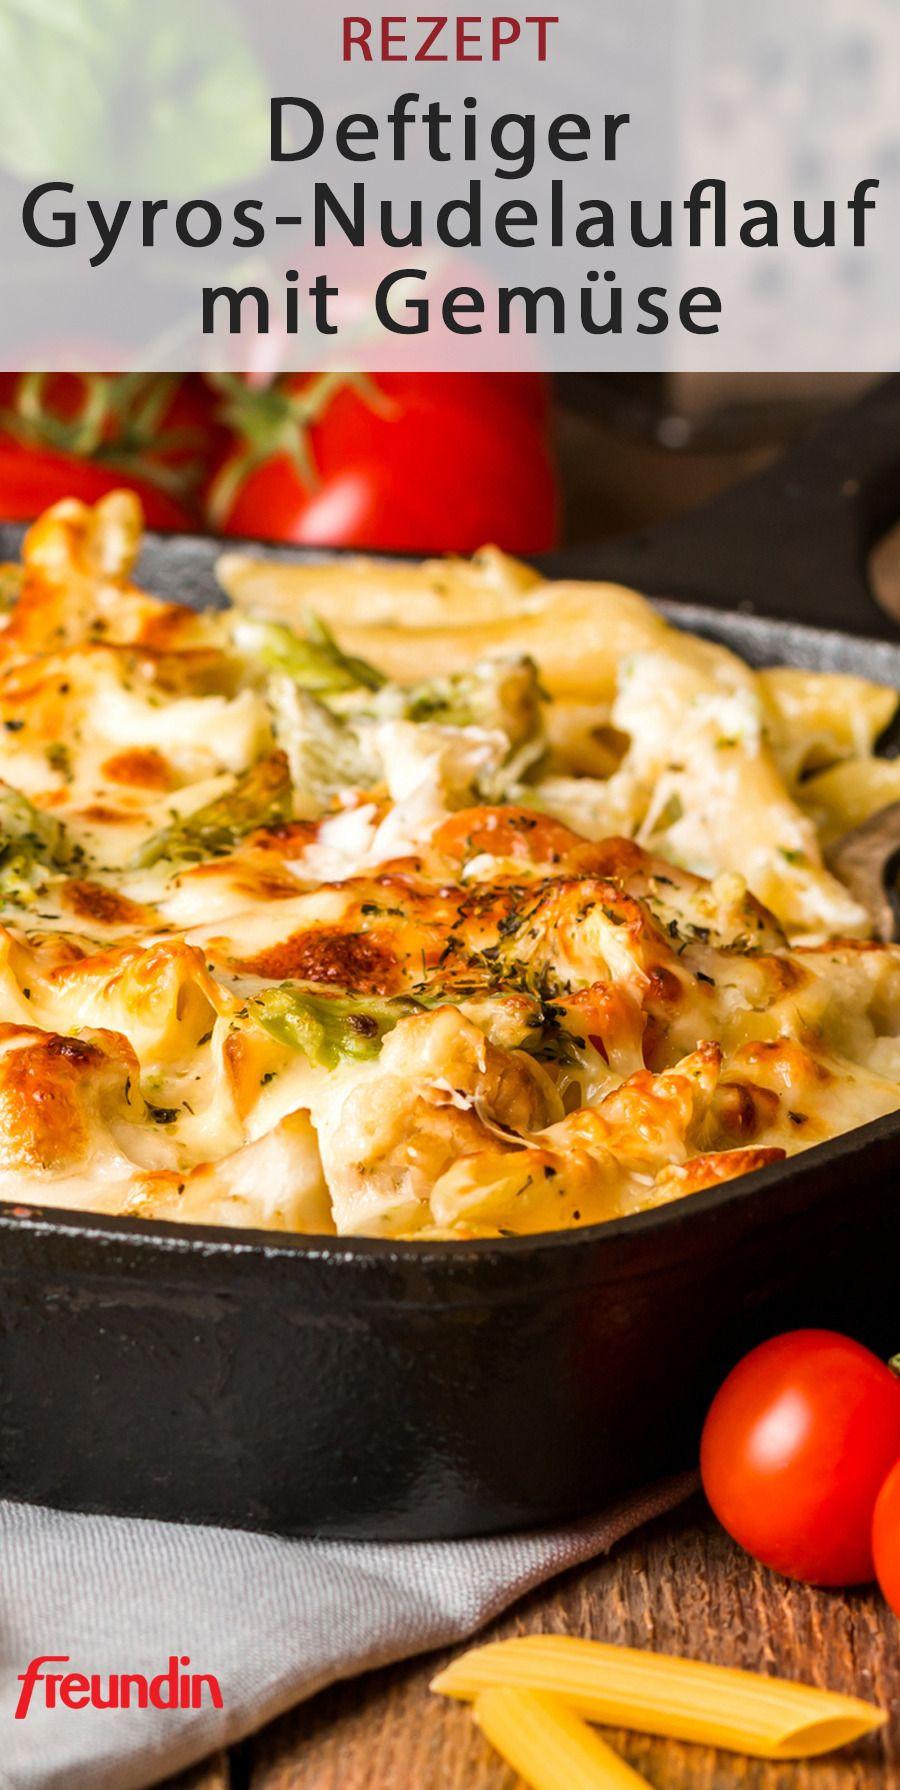 Photo of Hearty gyros pasta bake with vegetables freundin.de